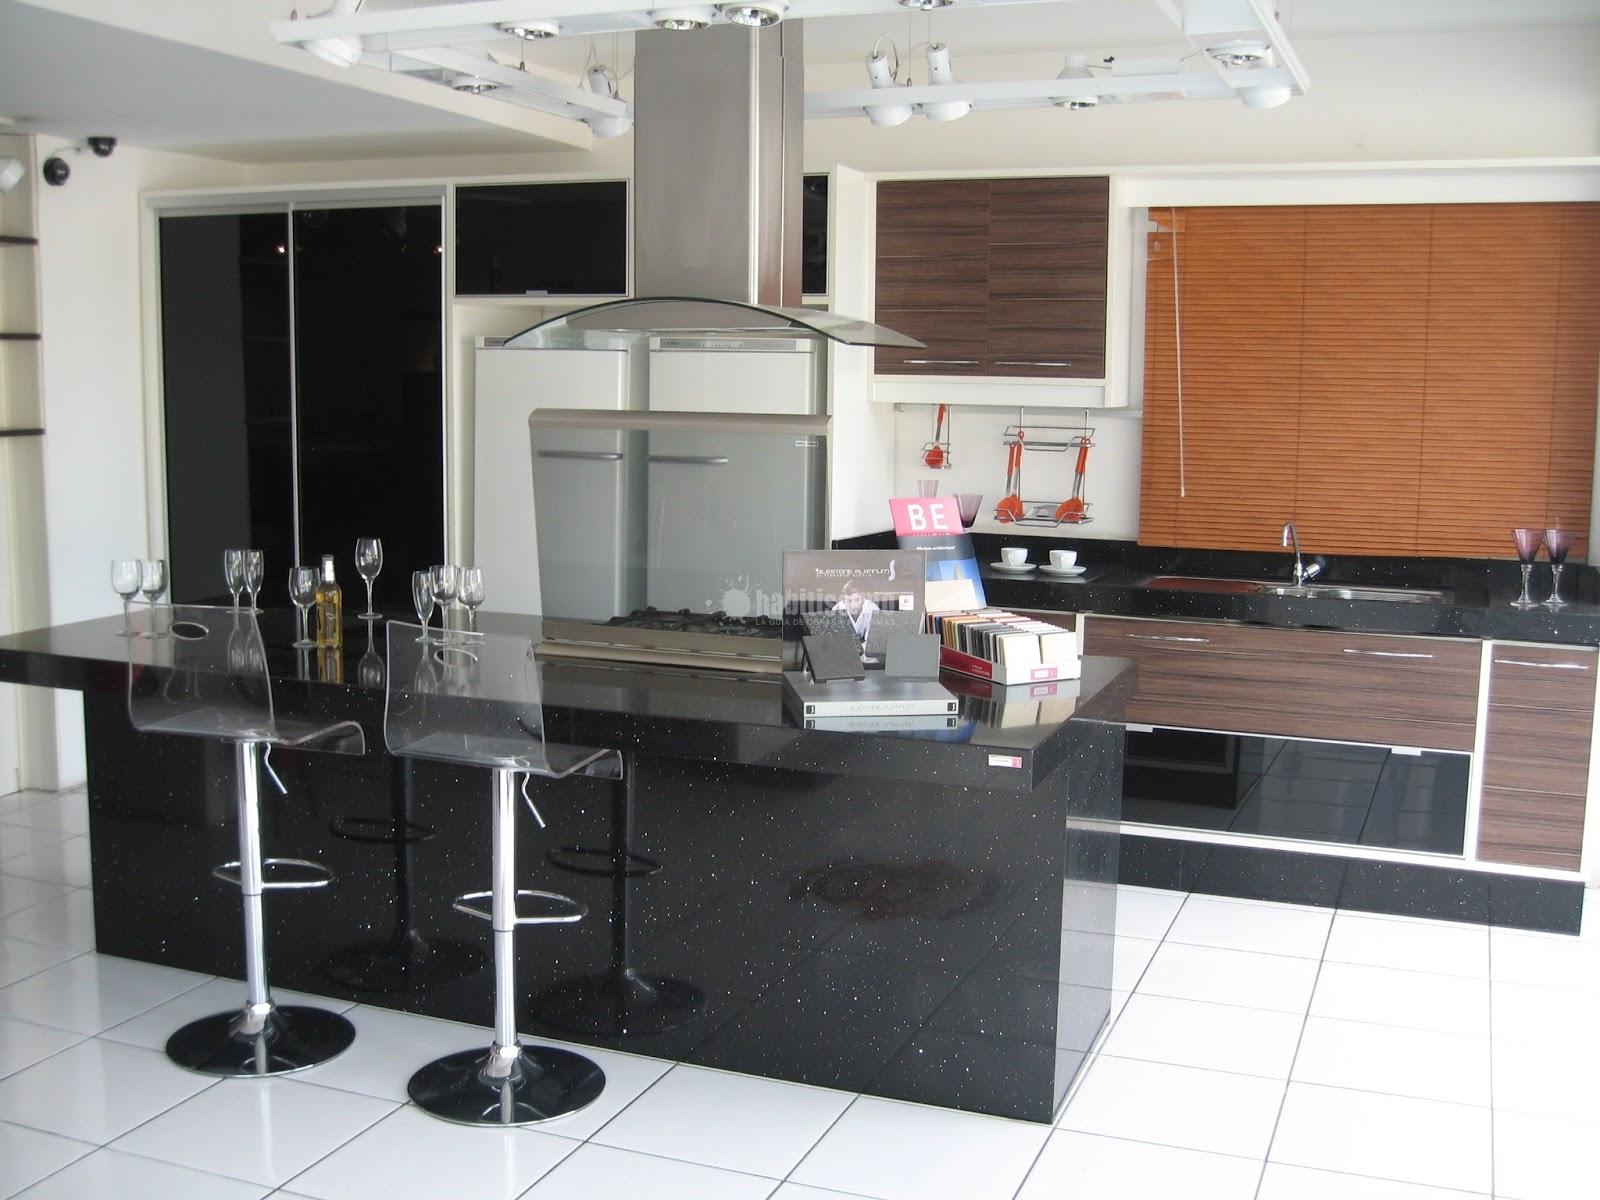 #905B3B Cozinhas planejadas: Cozinhas sob medida Lindos modelos 1600x1200 px Projeto Cozinha Medidas_4281 Imagens